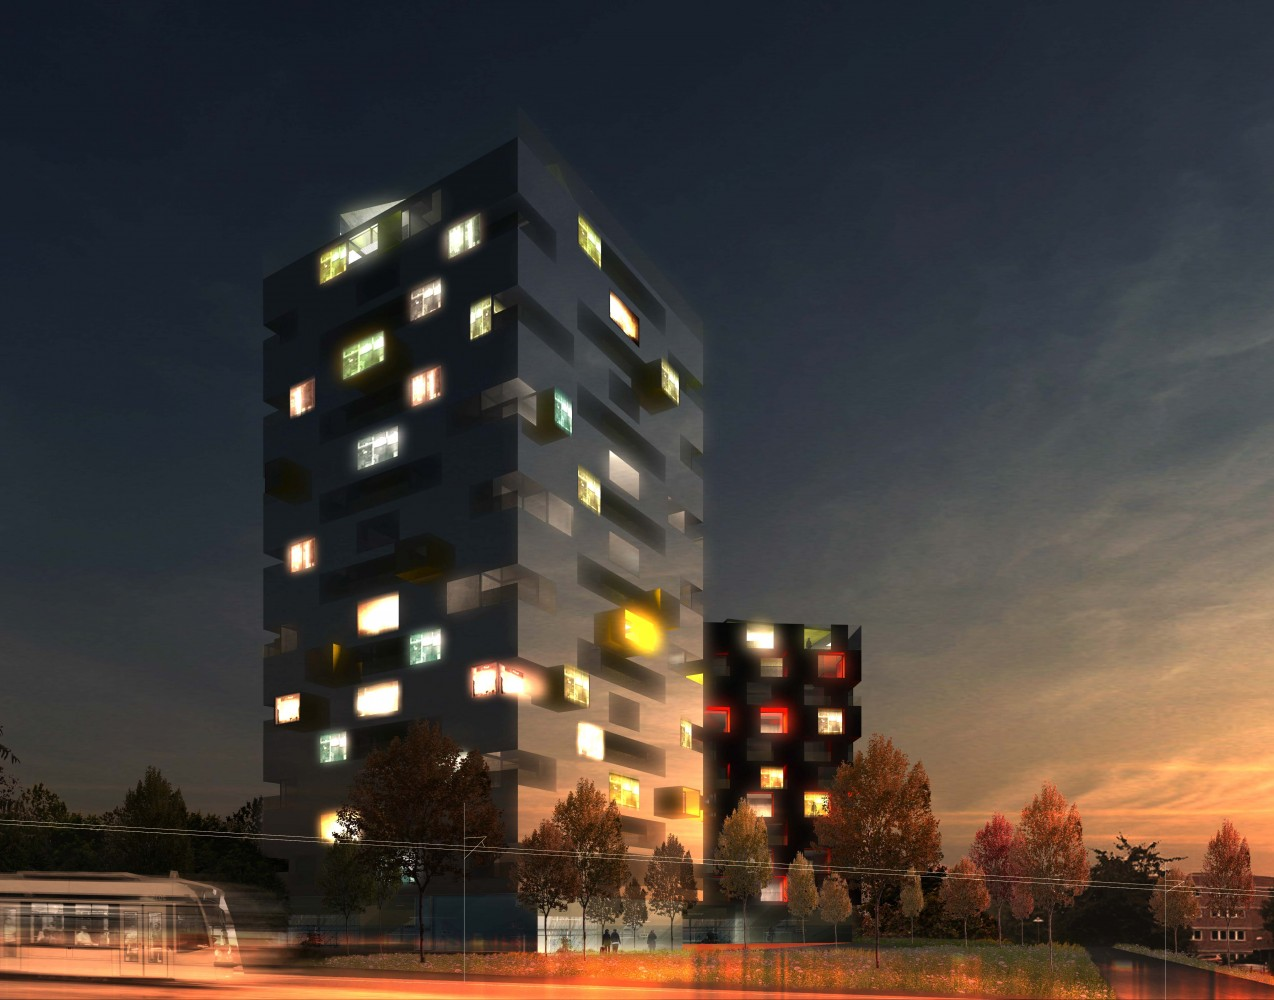 housing_rissne_2-1274x1000.jpg